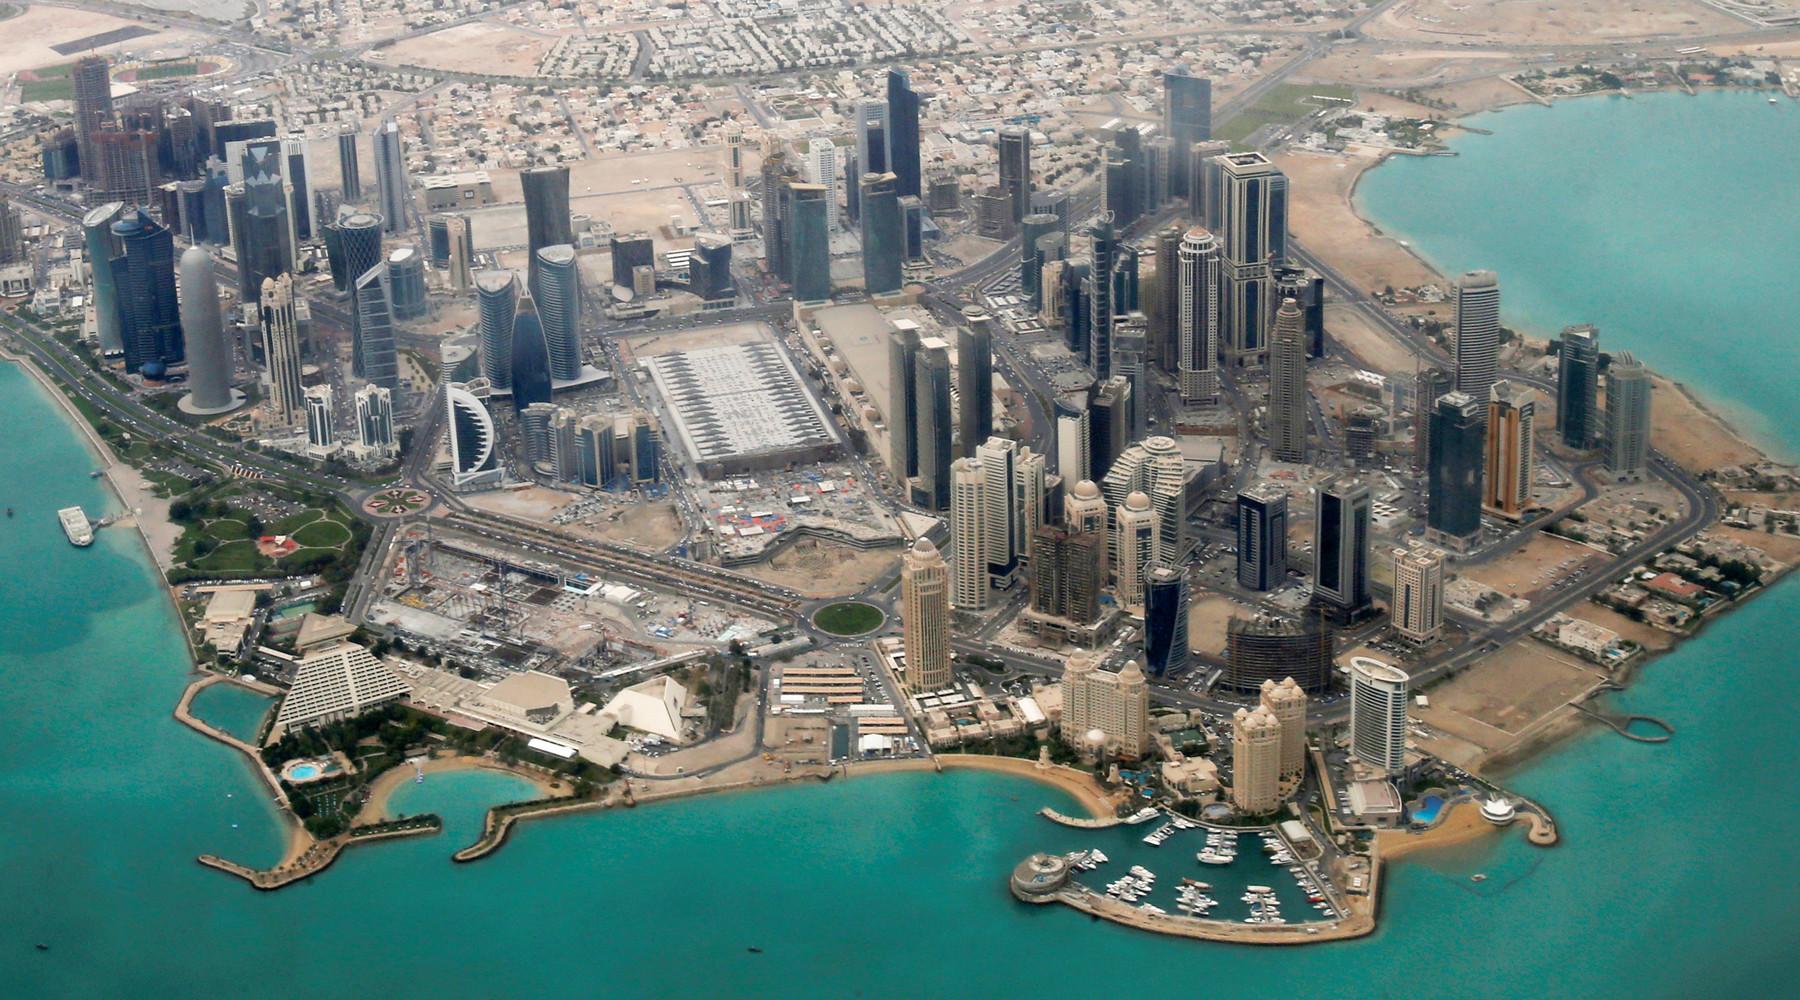 Новая угроза: как геополитический скандал вокруг Катара отразится на стоимости нефти